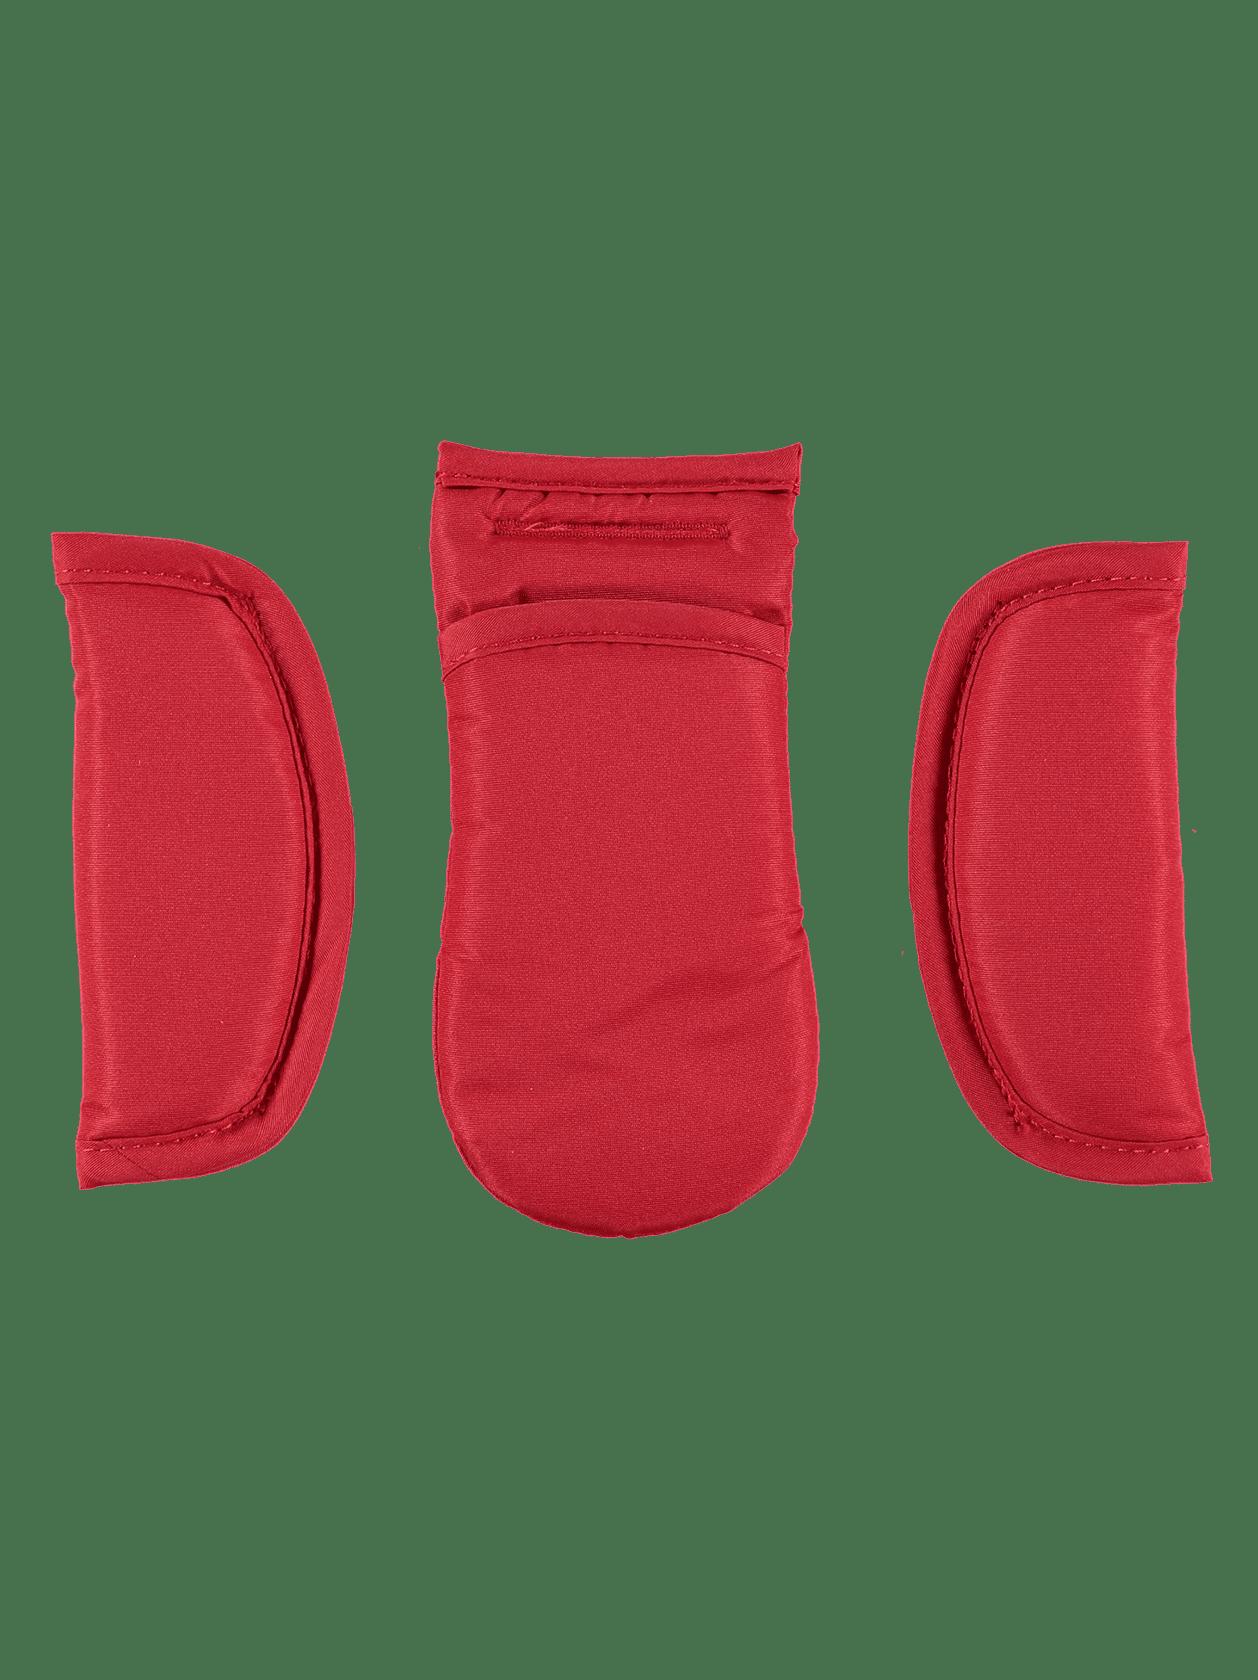 Strawberry 2 Harness Pads - Lush